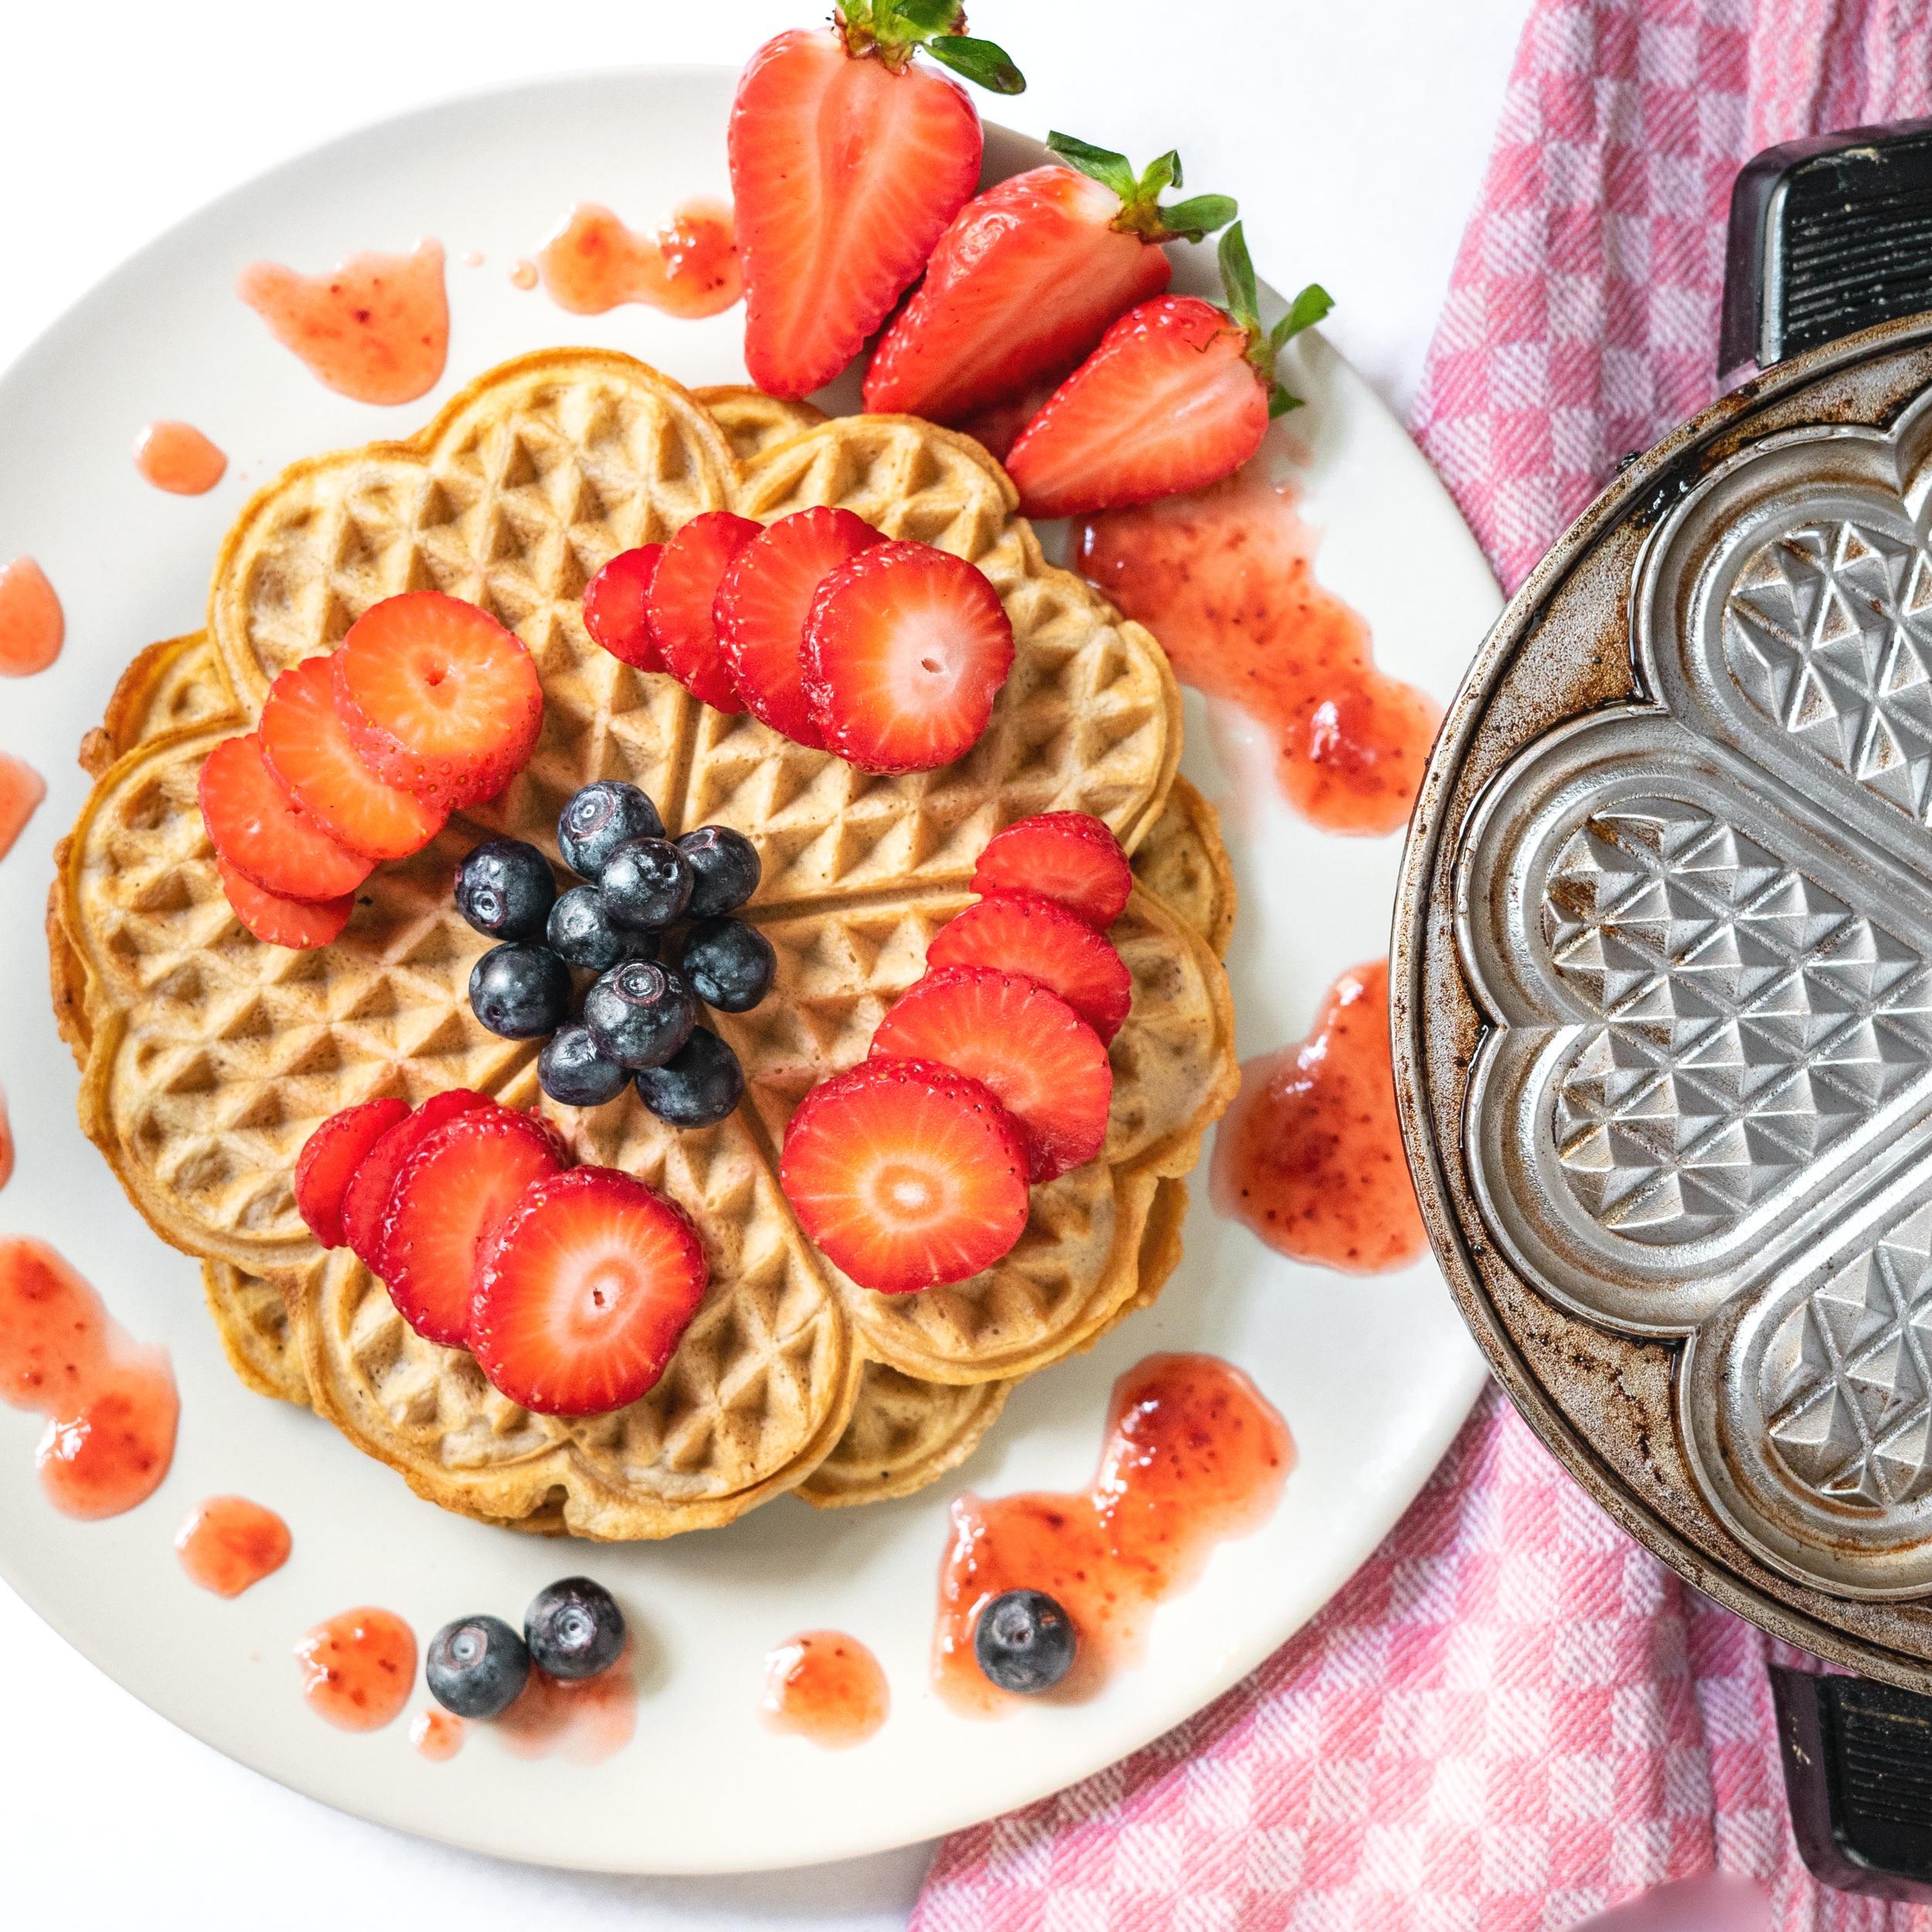 noe_foodphotography-6.jpg